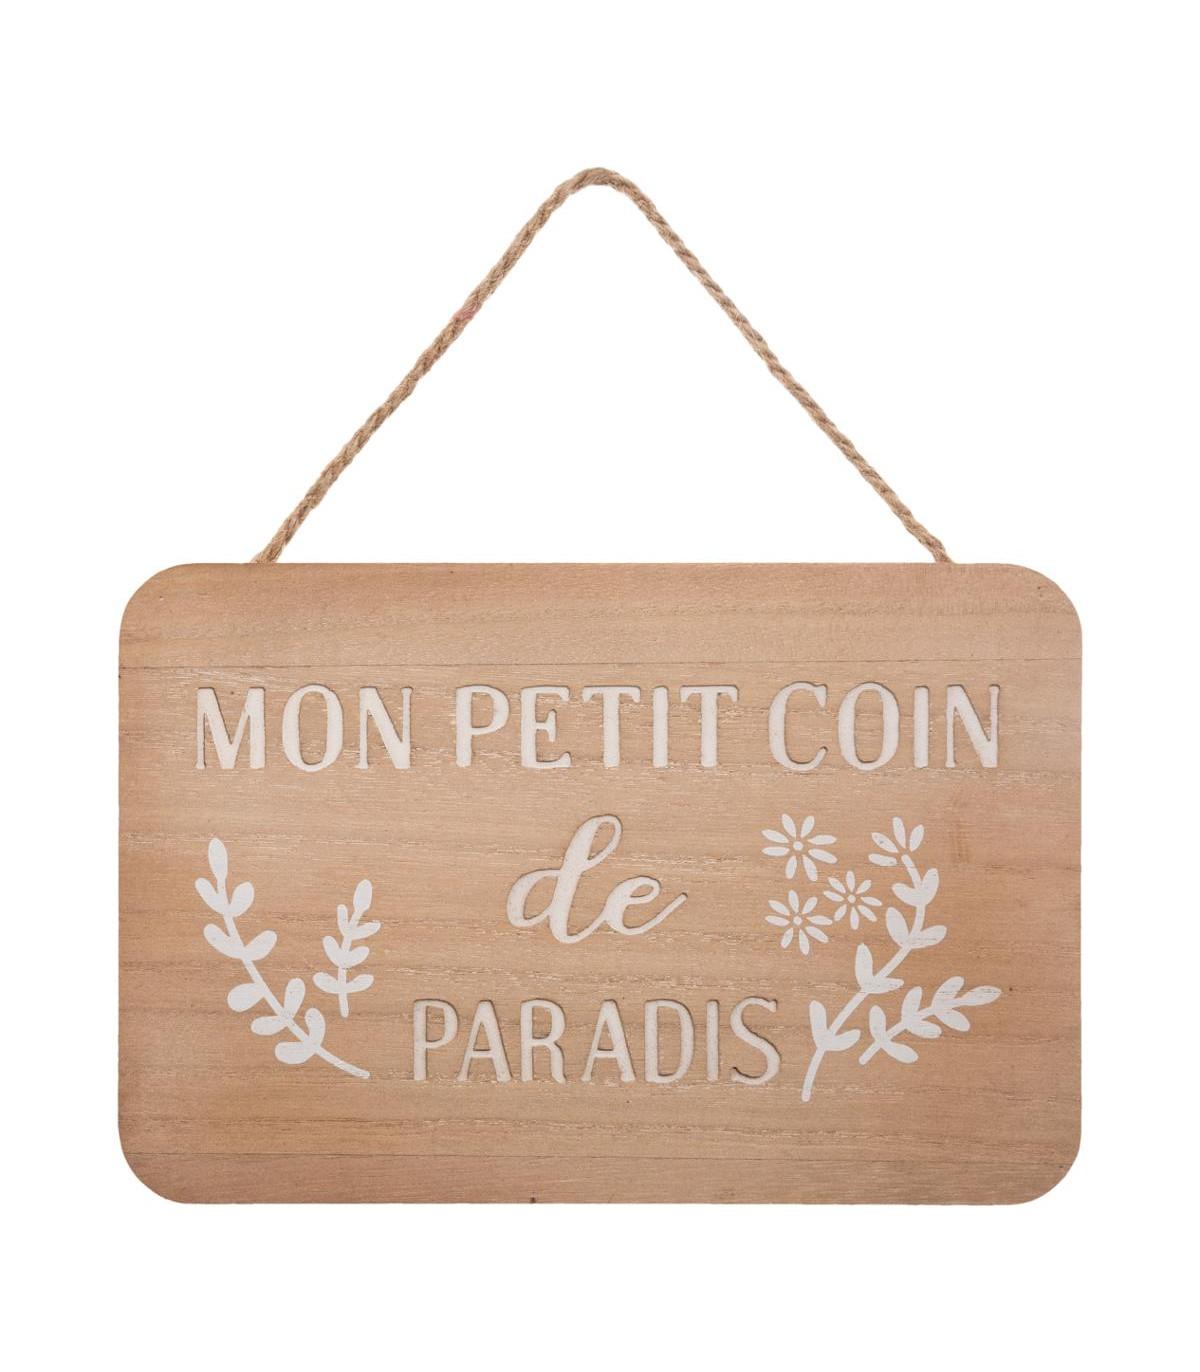 Poetic WC /Sixain gogue(s)nard Plaque-de-porte-mon-petit-coin-de-paradis-5fe2398bb9b0b